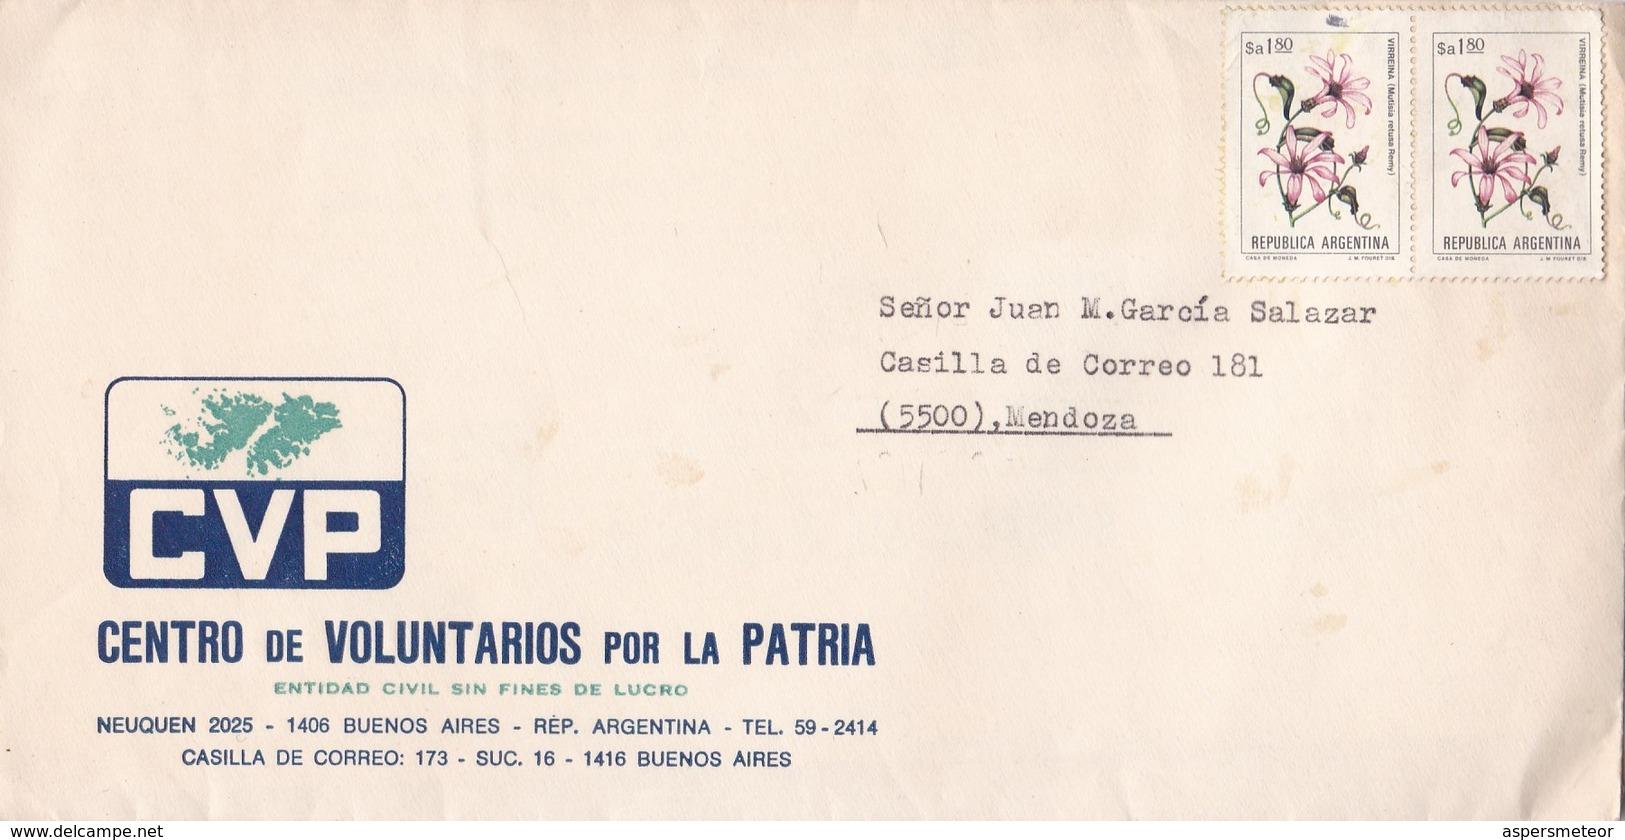 """""""CENTRO DE VOLUNTARIOS POR LA PATRIA"""" ARGENTINA COMMERCIAL COVER, CIRCULATED CIRCA 1970's BUENOS AIRES TO MENDOZA -LILHU - Argentina"""